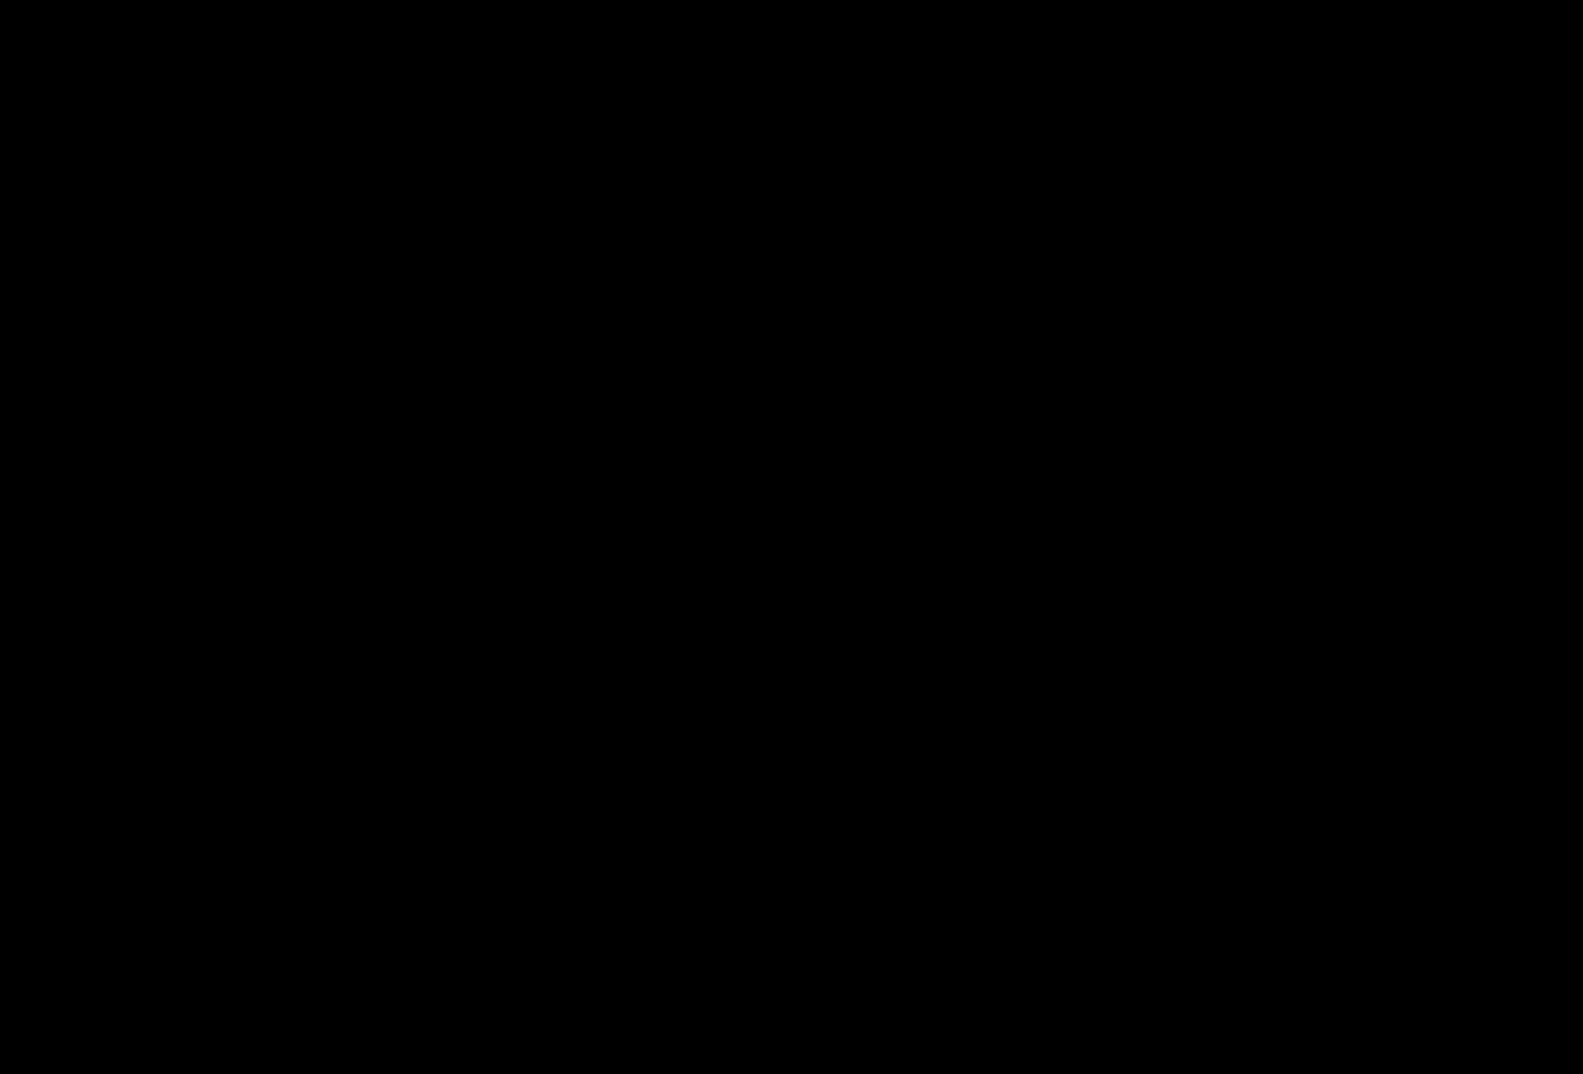 Canertinib DiHCl